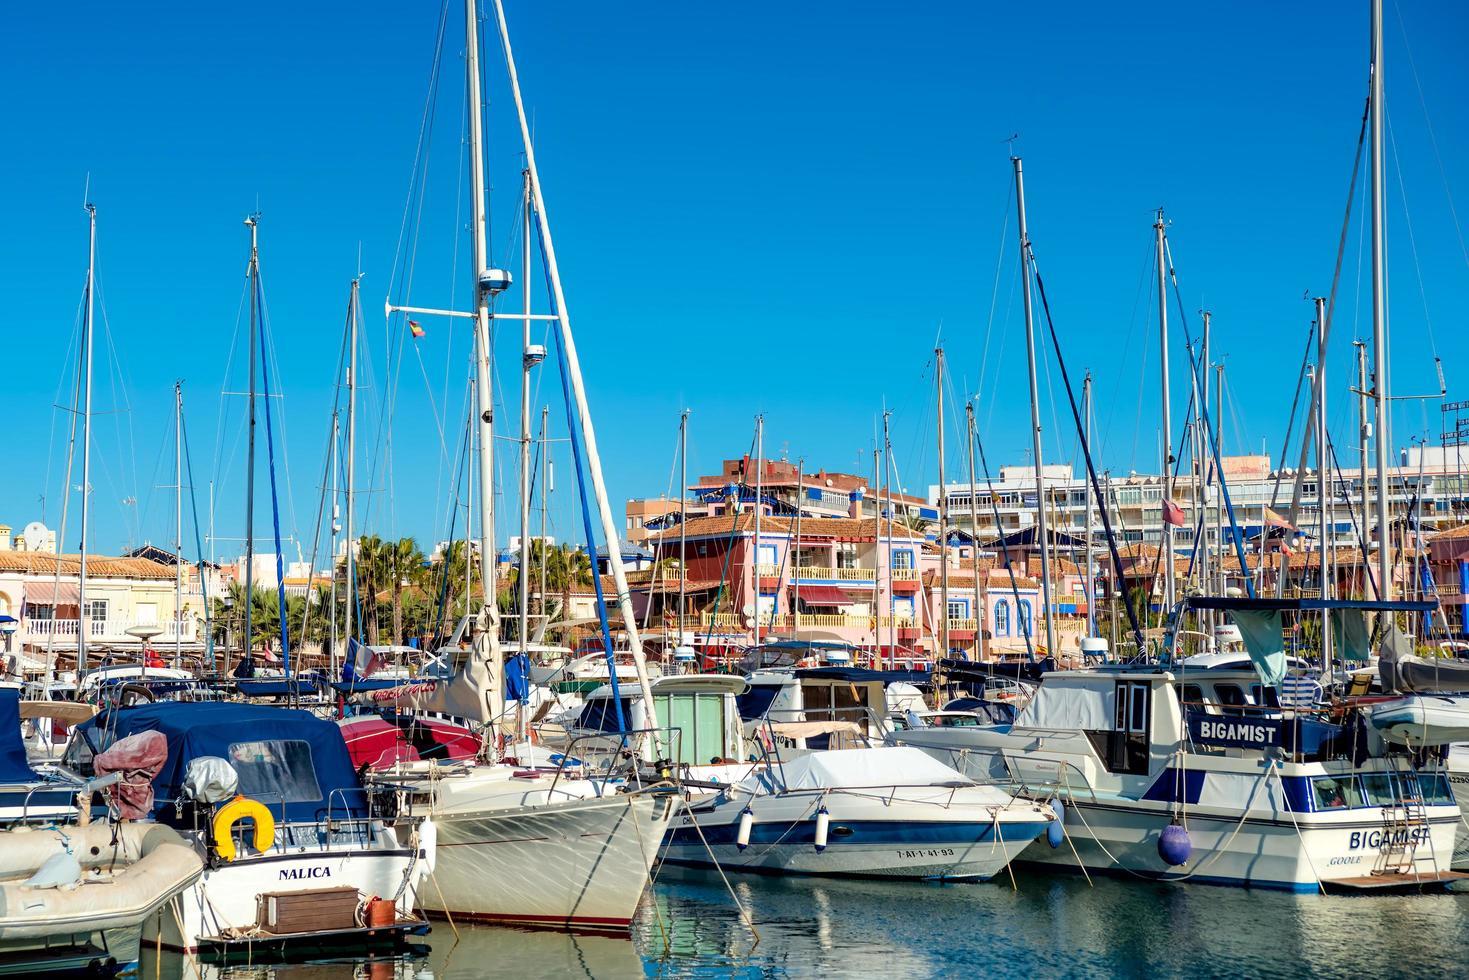 valencia, spanien 2017 - båtar och båtar i marinan i torrevieja foto